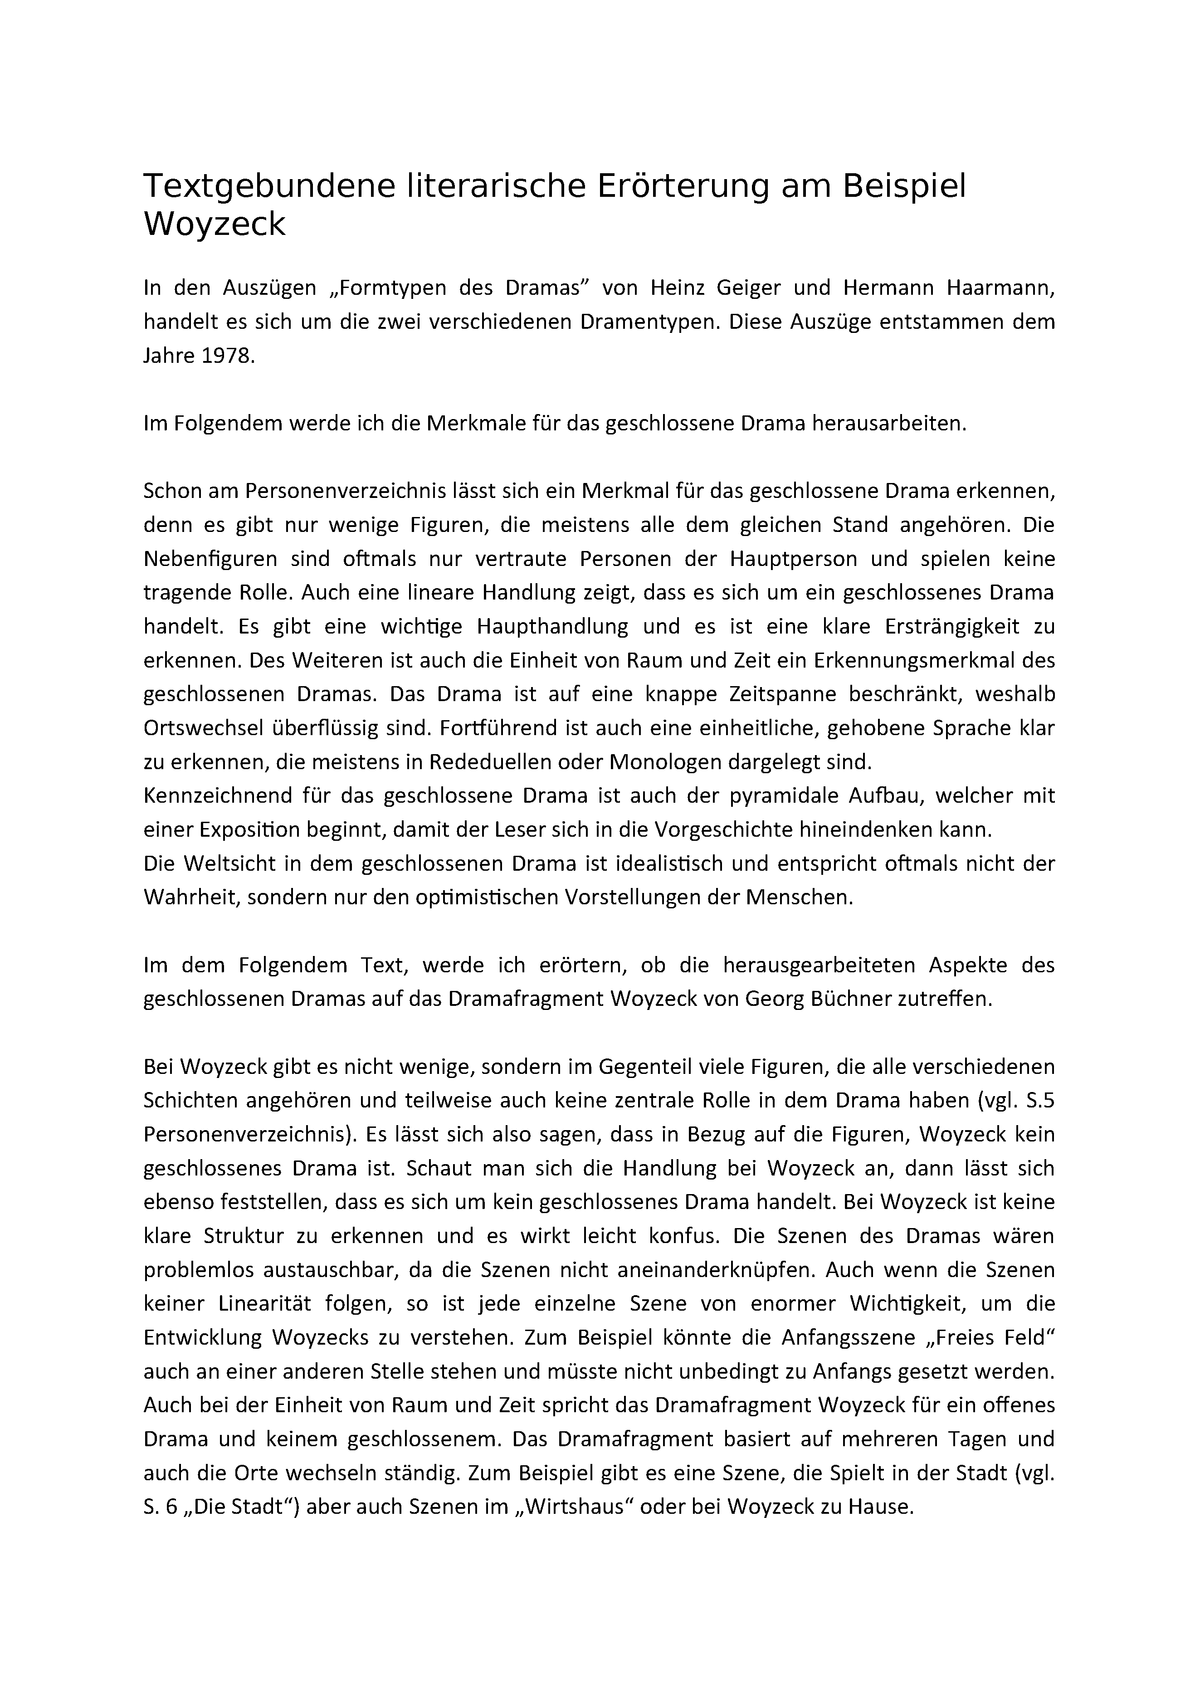 Textgebundene Literarische Erorterung Am Beispiel Woyzeck Studocu